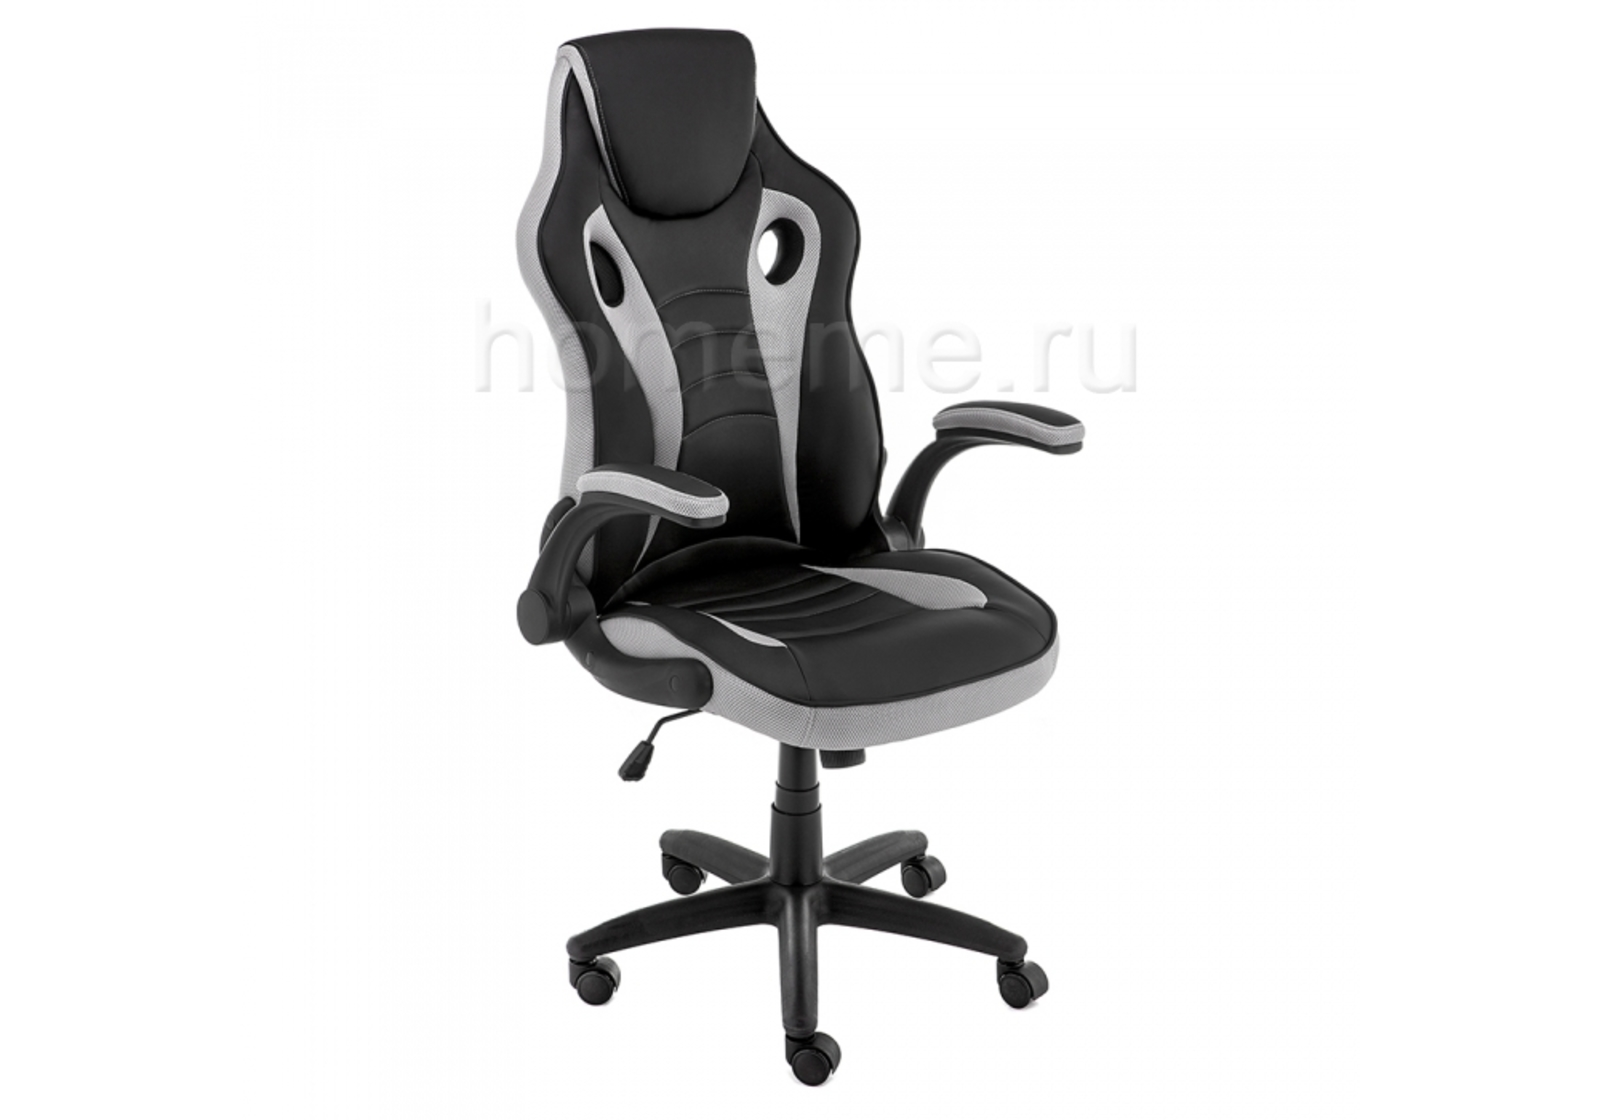 Кресло для офиса HomeMe Cobr черное / серое 11323 от Homeme.ru